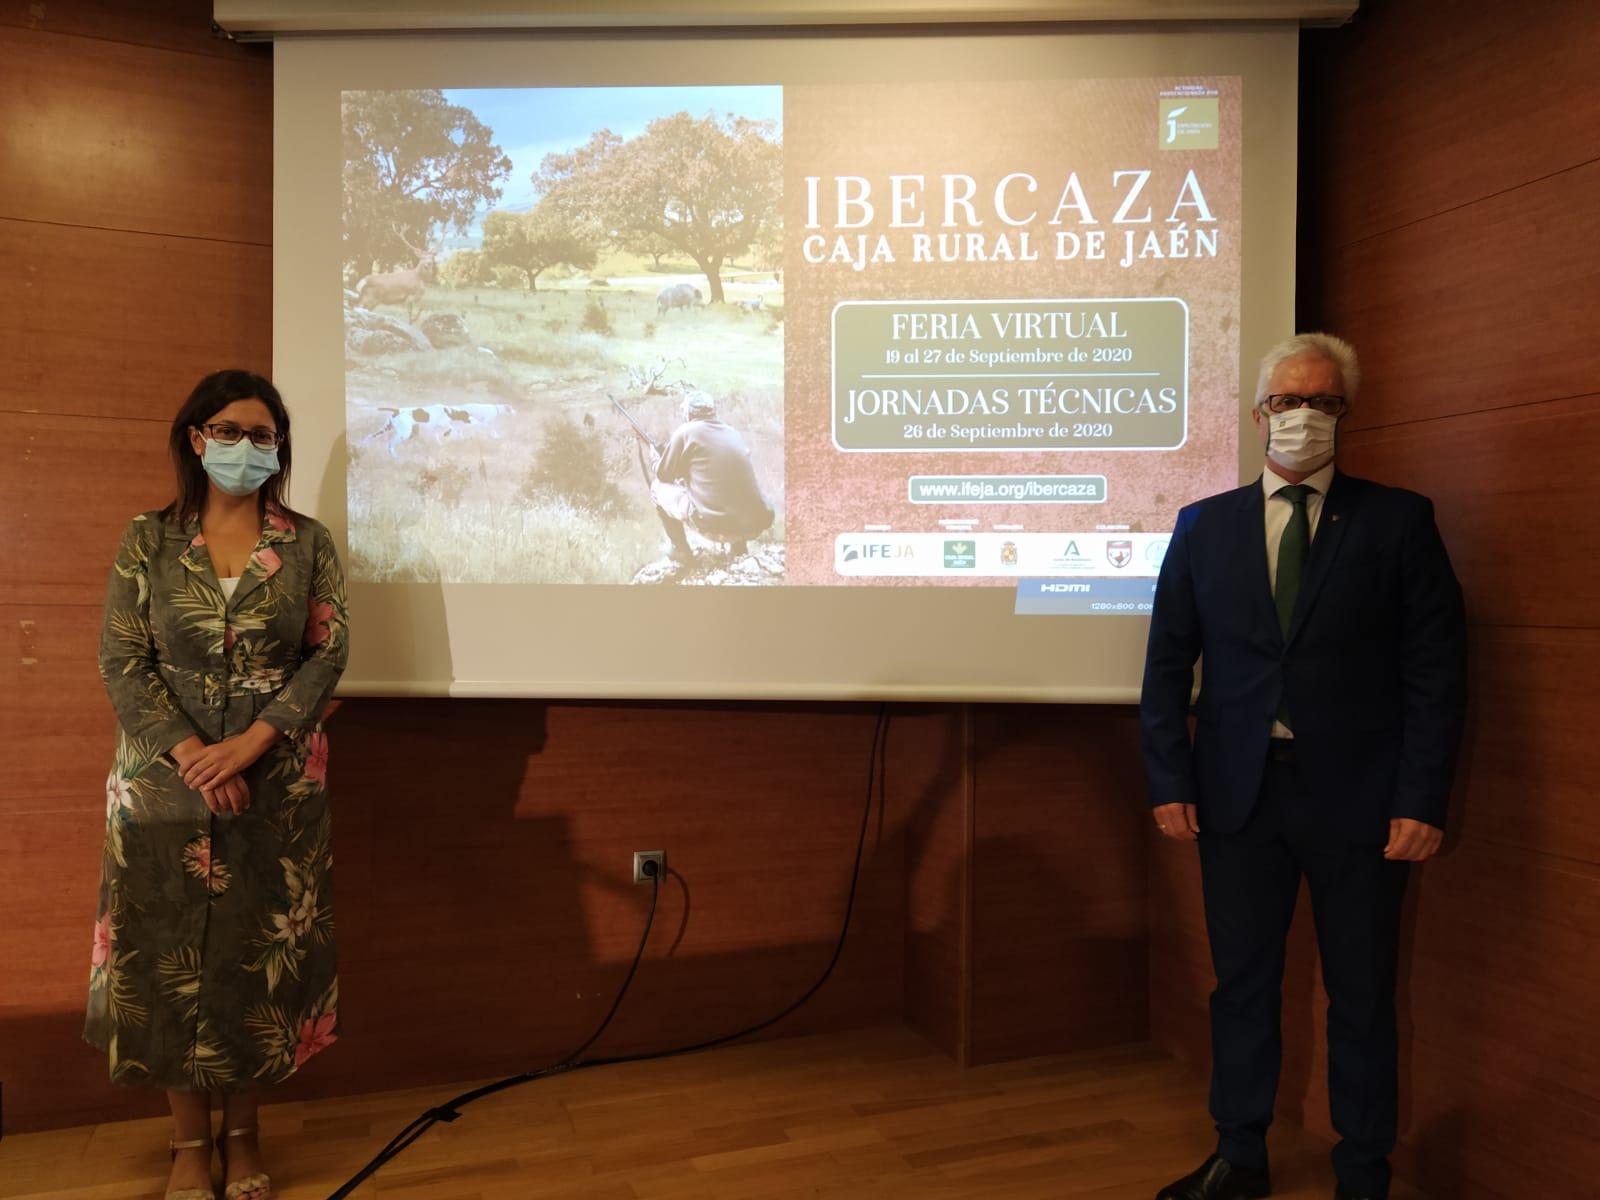 Una plataforma virtual, permite celebrar la decimocuarta edición de Ibercaza Caja Rural de Jaén con